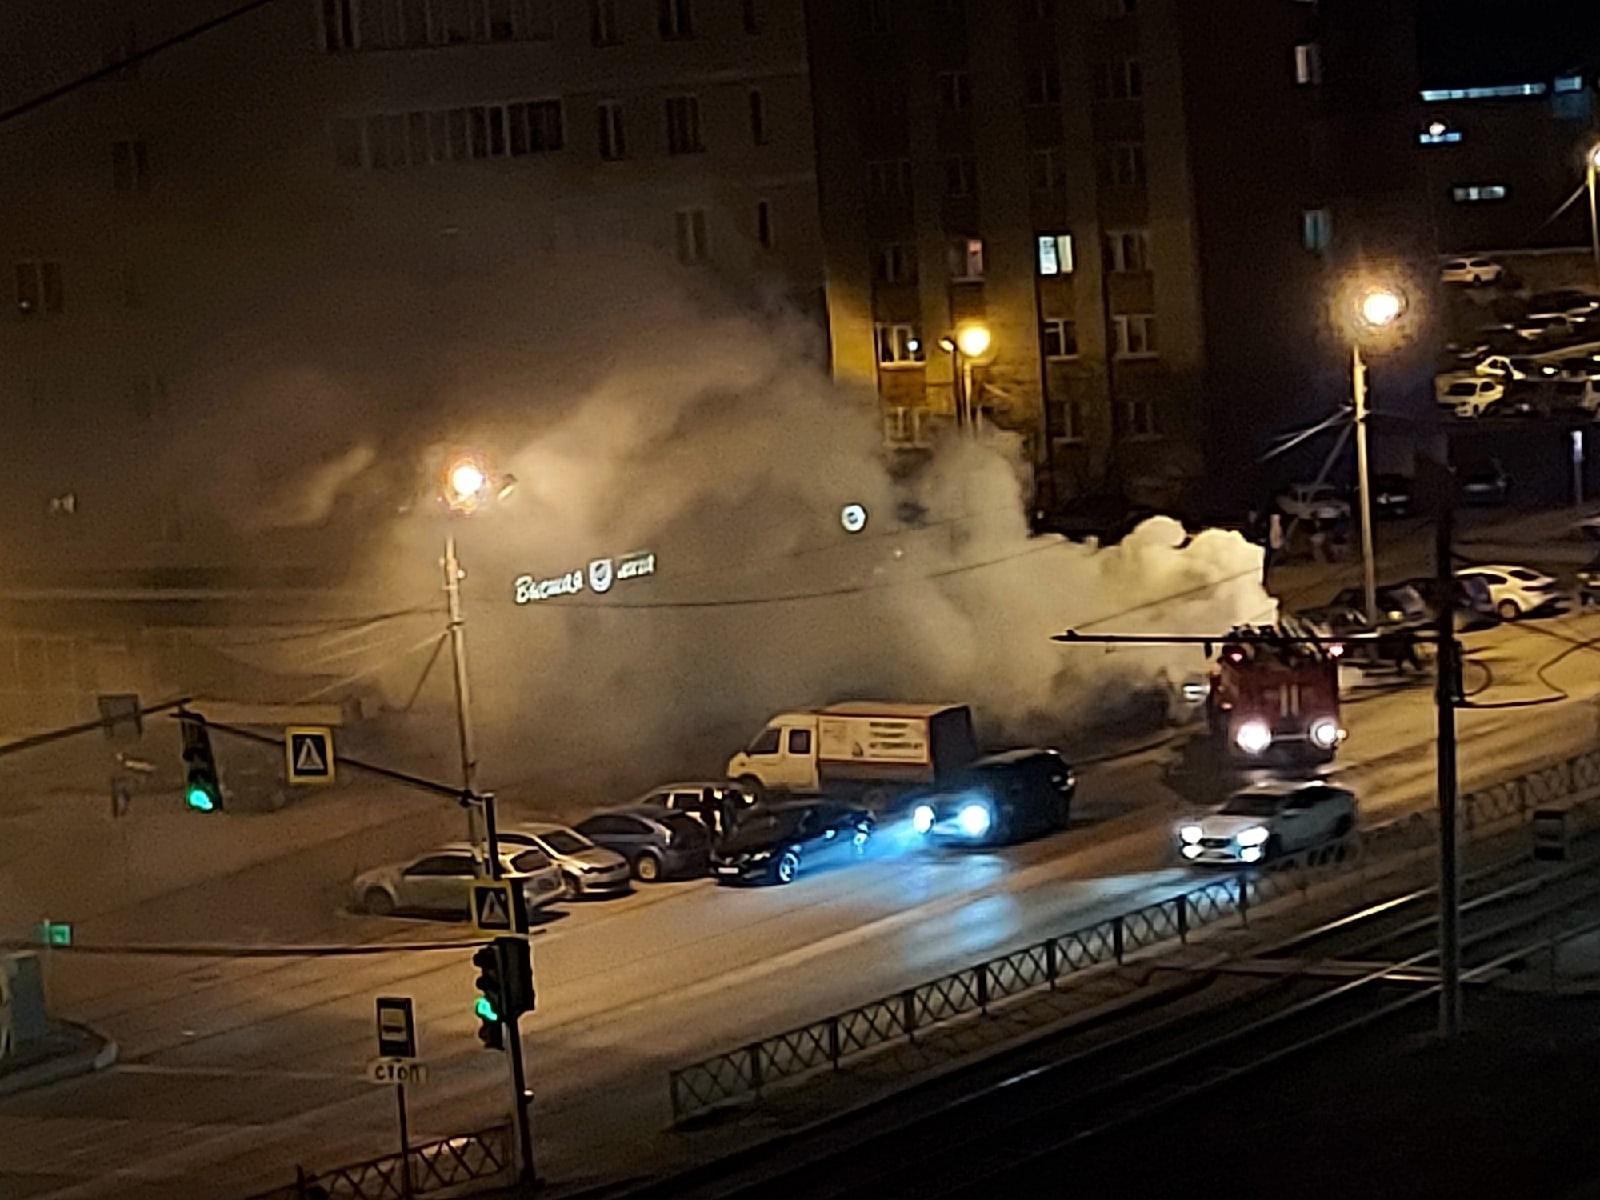 На улице Труфанова в Ярославле ночью вспыхнул припаркованный автомобиль